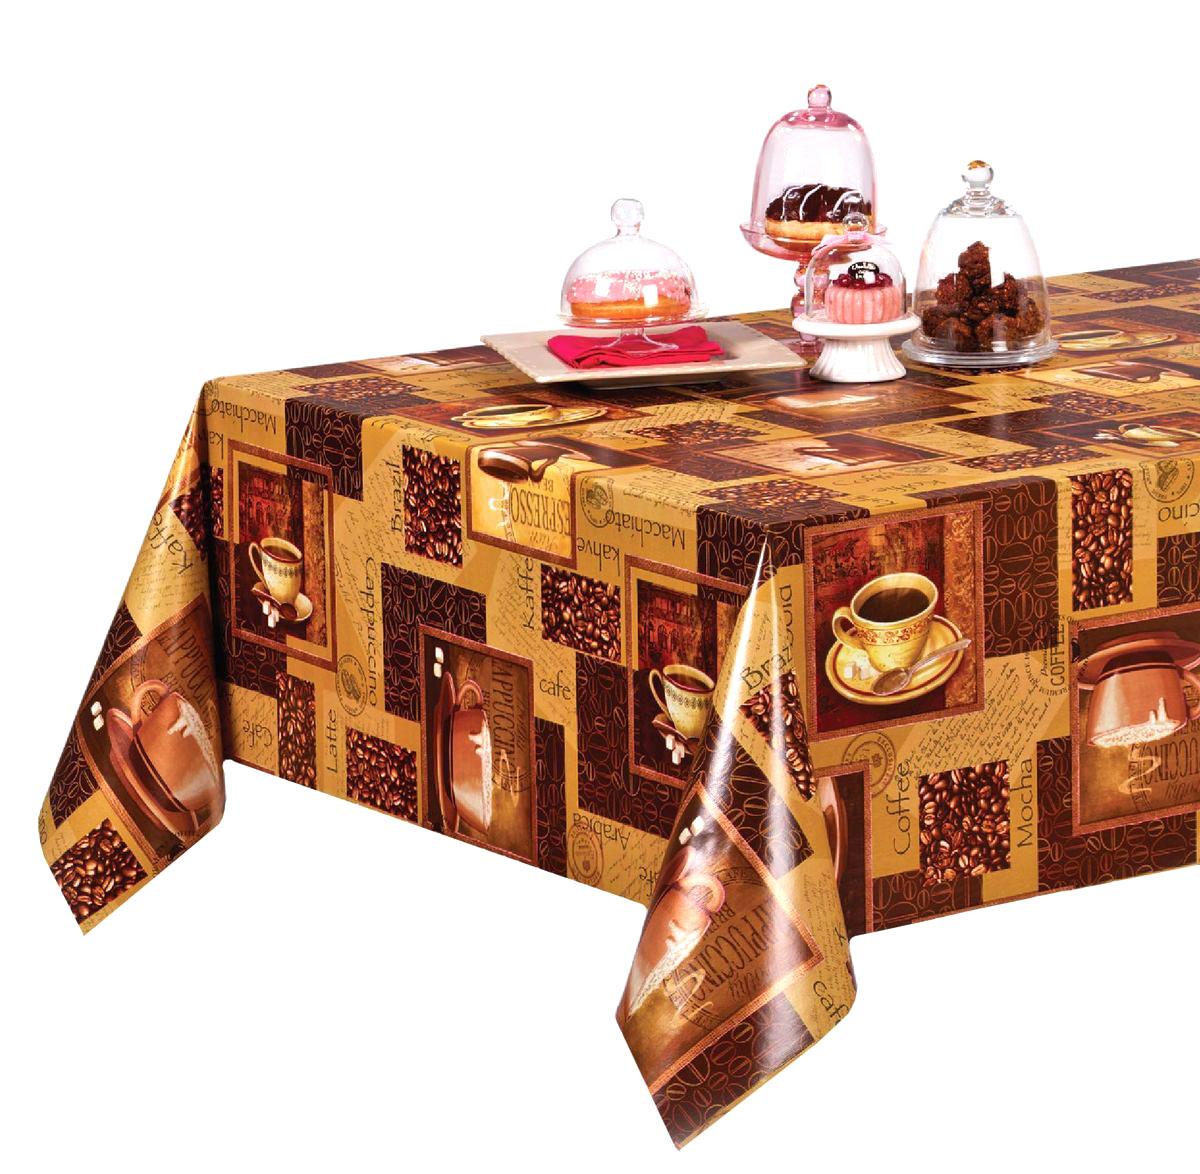 Столовая клеенка LCadesi Florista, прямоугольная, 140 х 200 см. FL140200-004-00FL140200-004-00Столовая клеенка Florista с ярким дизайном украсит ваш стол и защитит его от царапин и пятен. Благодаря основе из нетканого материала не скользит по столу. Клеенка не имеет запаха и совершенно безопасна для человека.